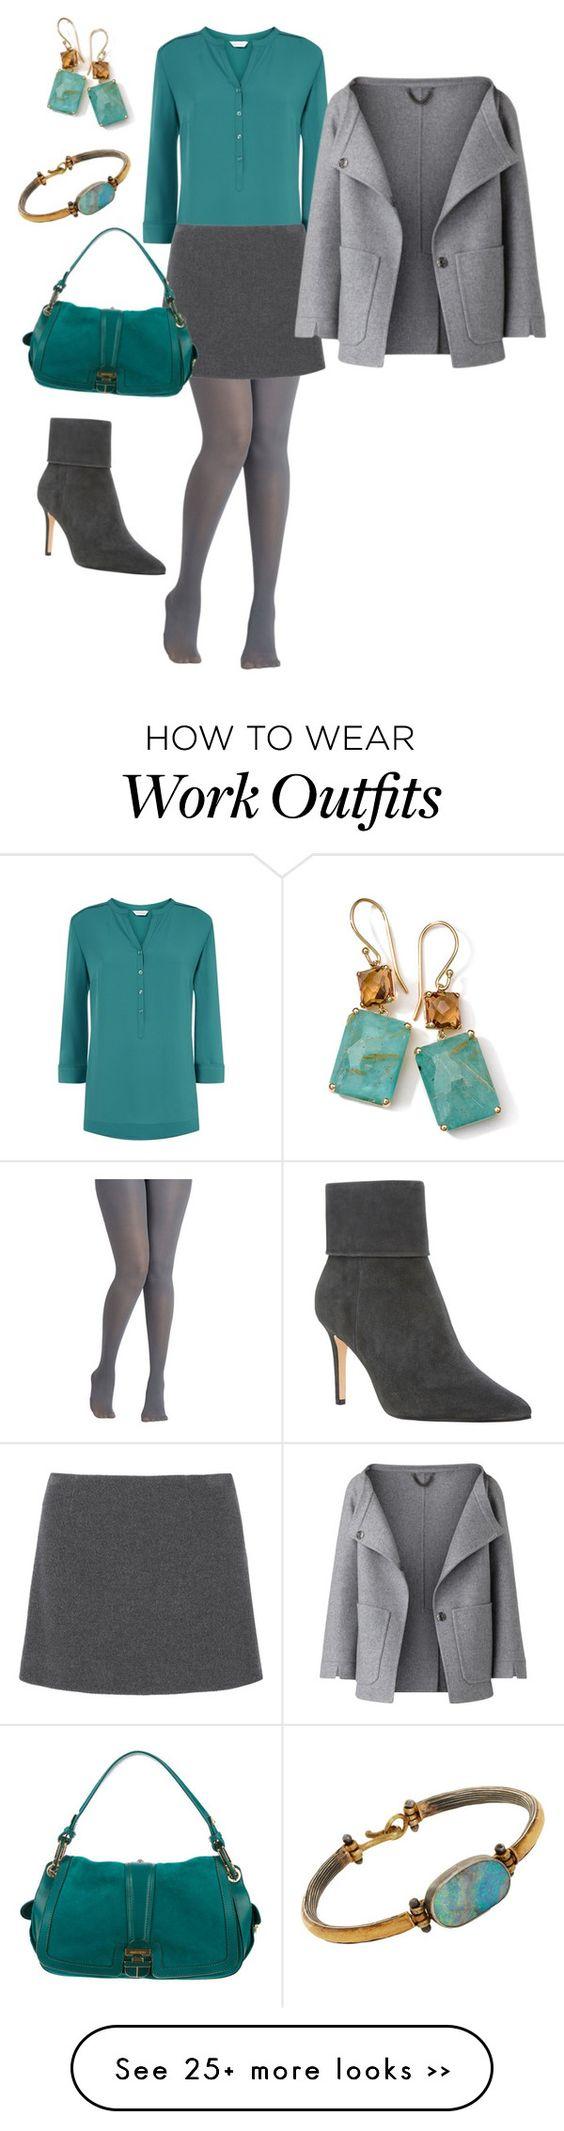 """""""teal & grey officewear"""" by jeannettembeltran on Polyvore"""